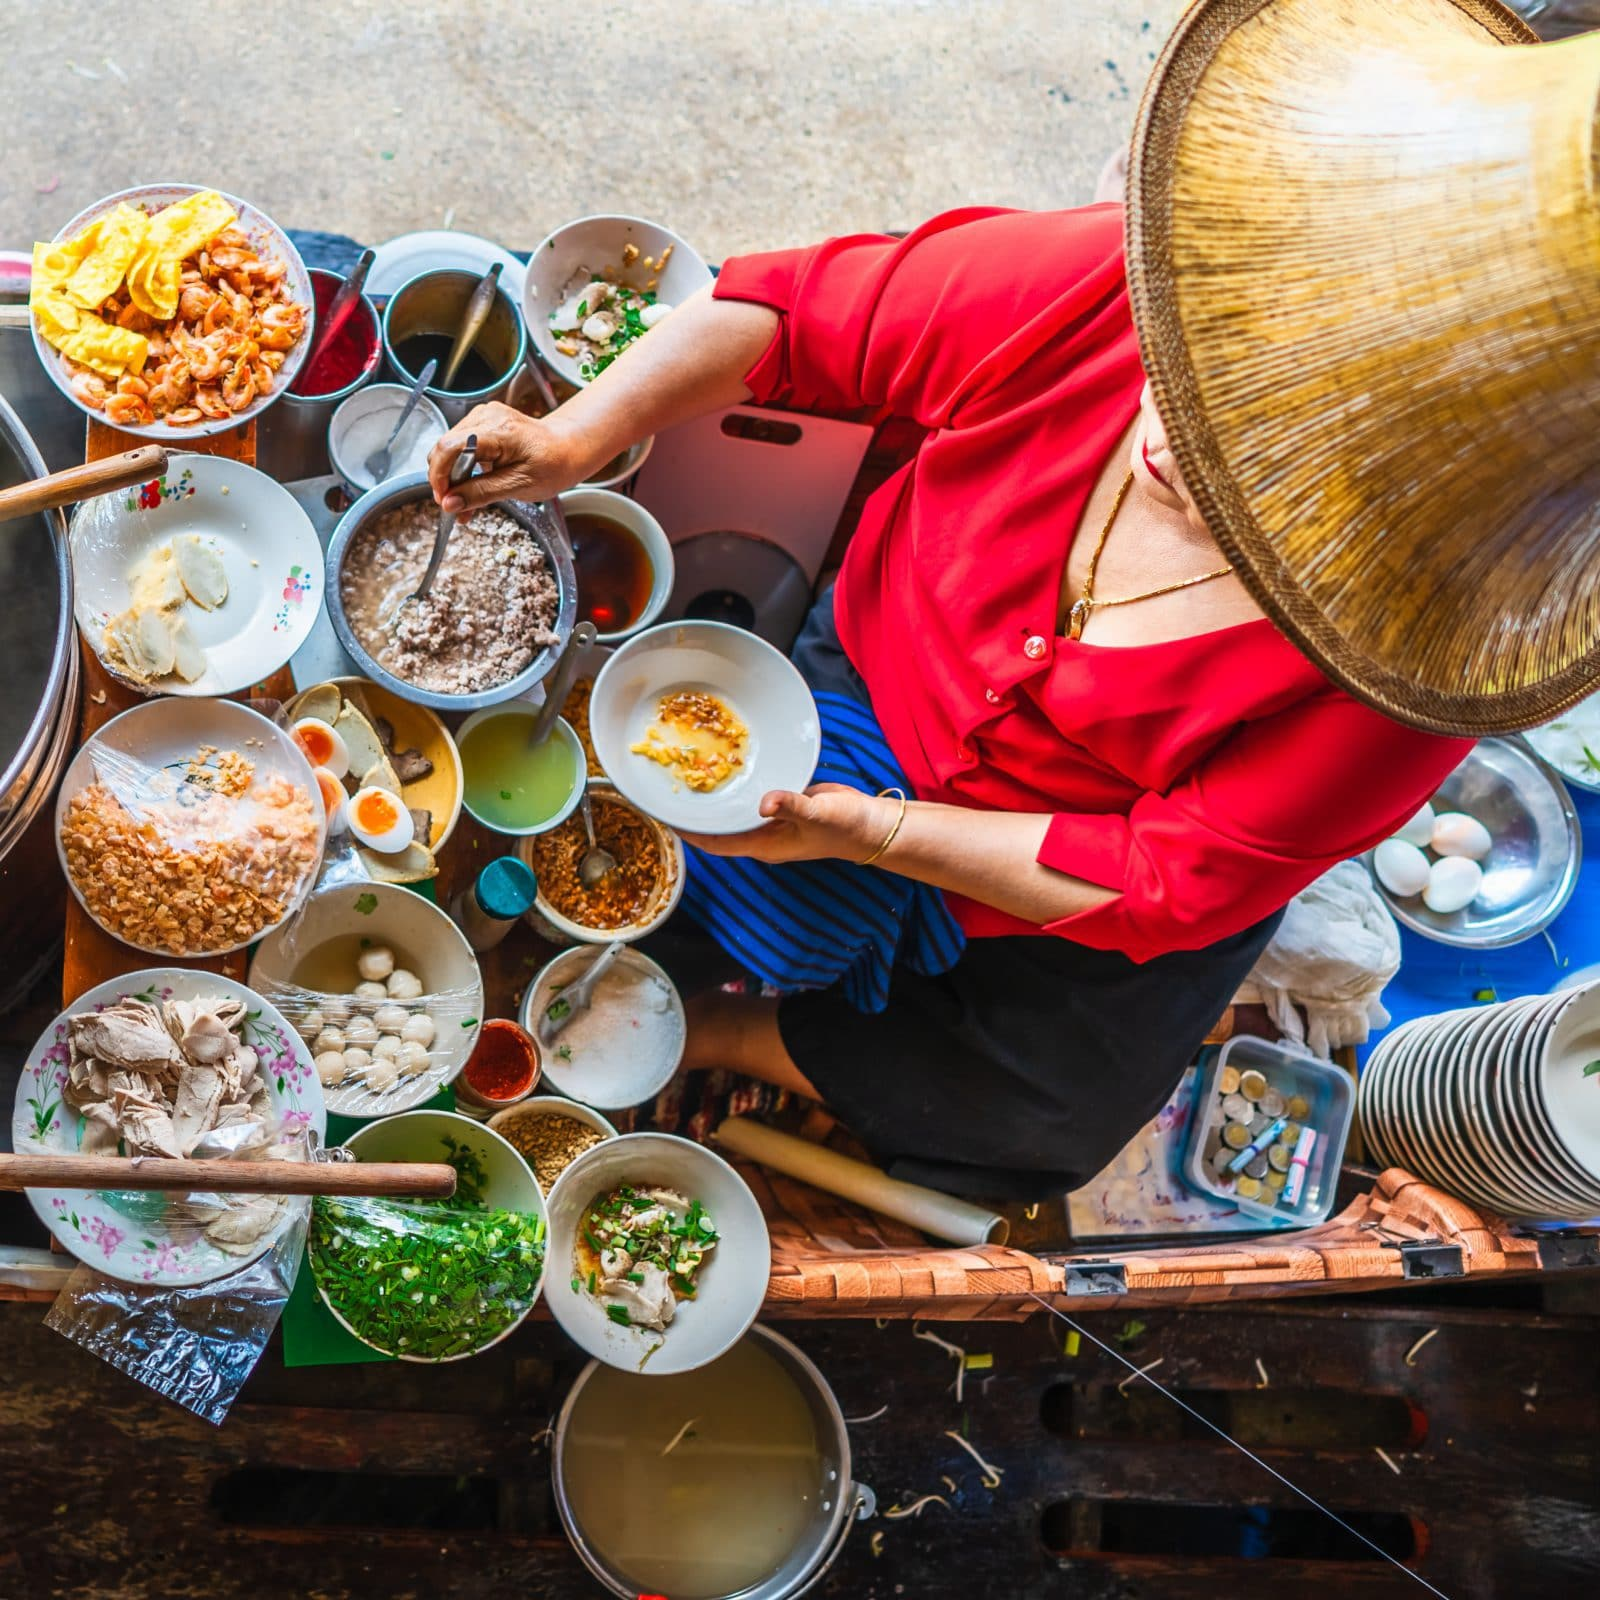 Marchande nourriture, saveurs asie, barque, street food, voyage.